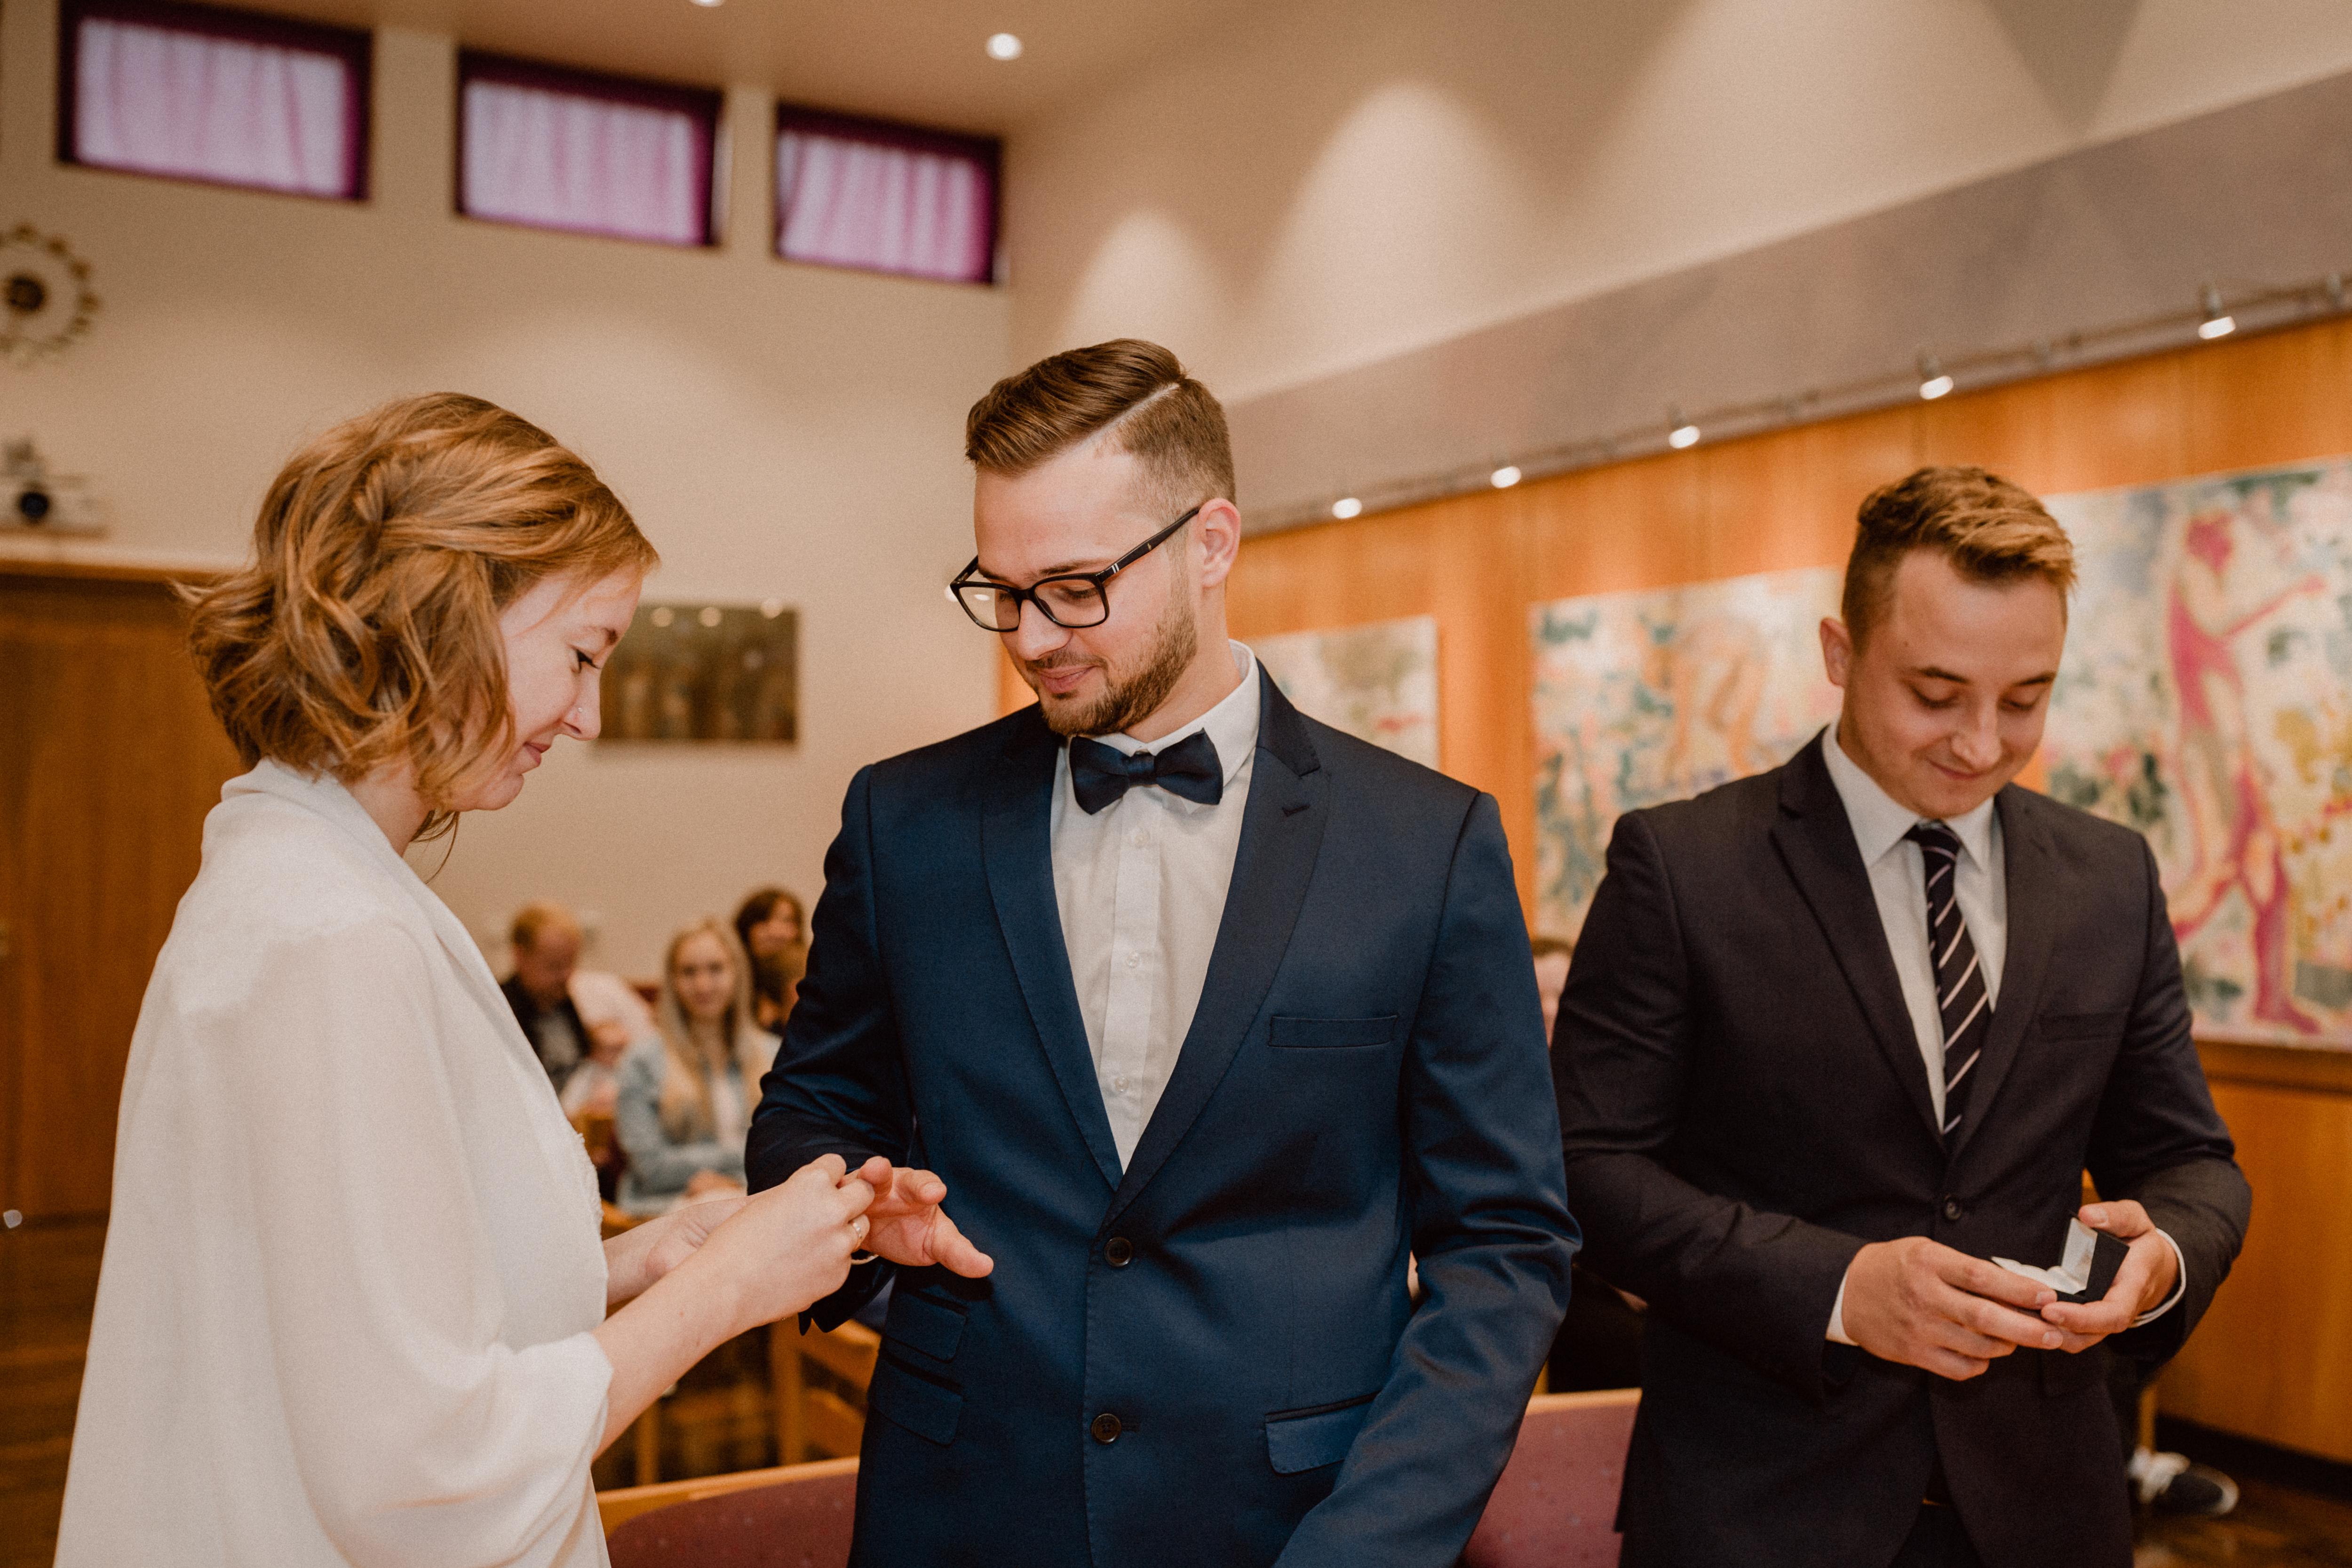 URBANERIE_Daniela_Goth_Hochzeitsfotografin_Nürnberg_Fürth_Erlangen_Schwabach_17907_0083